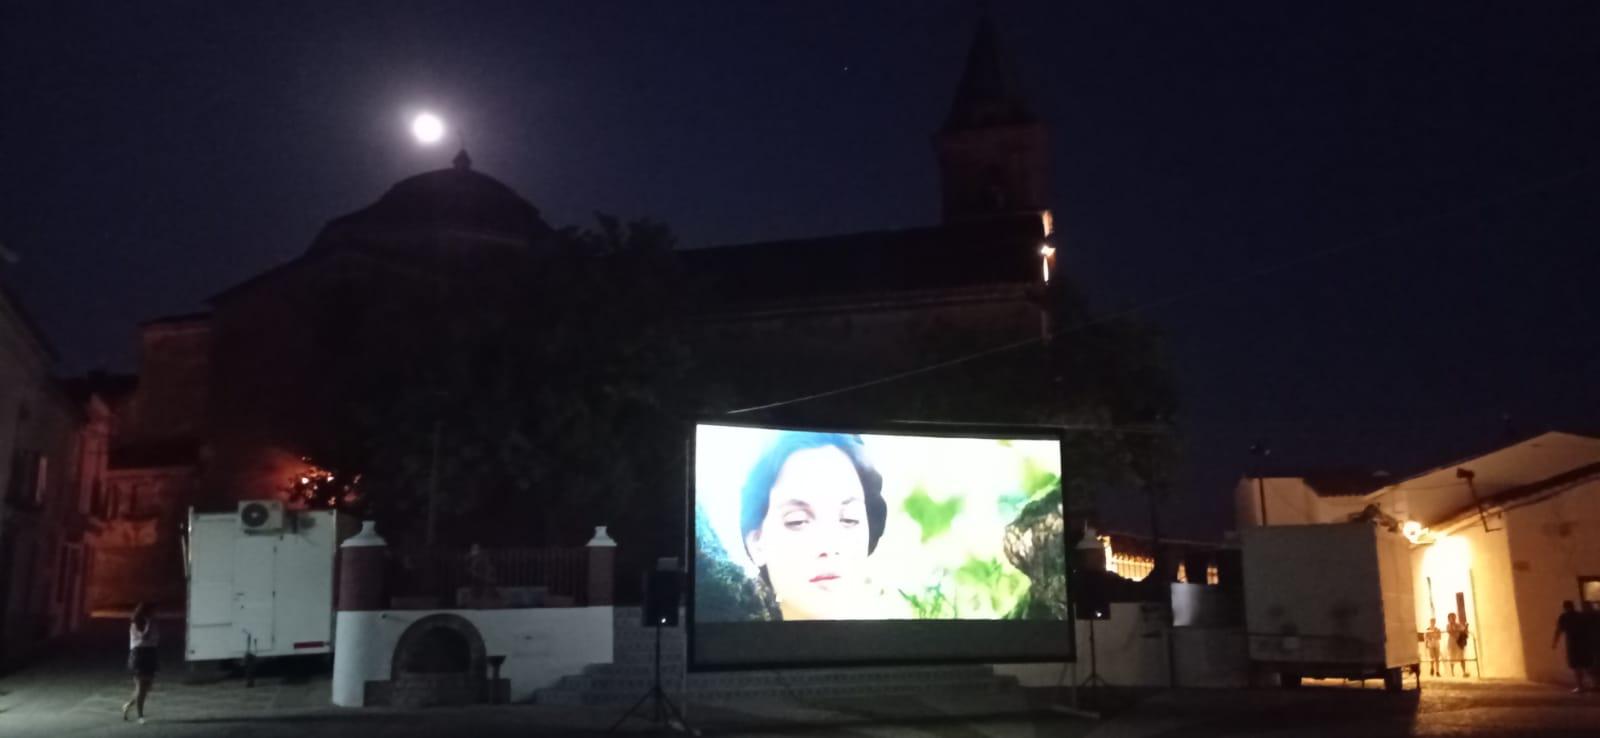 'Cine en el pueblo' vuelve a los municipios y aldeas menores de 5.000 habitantes